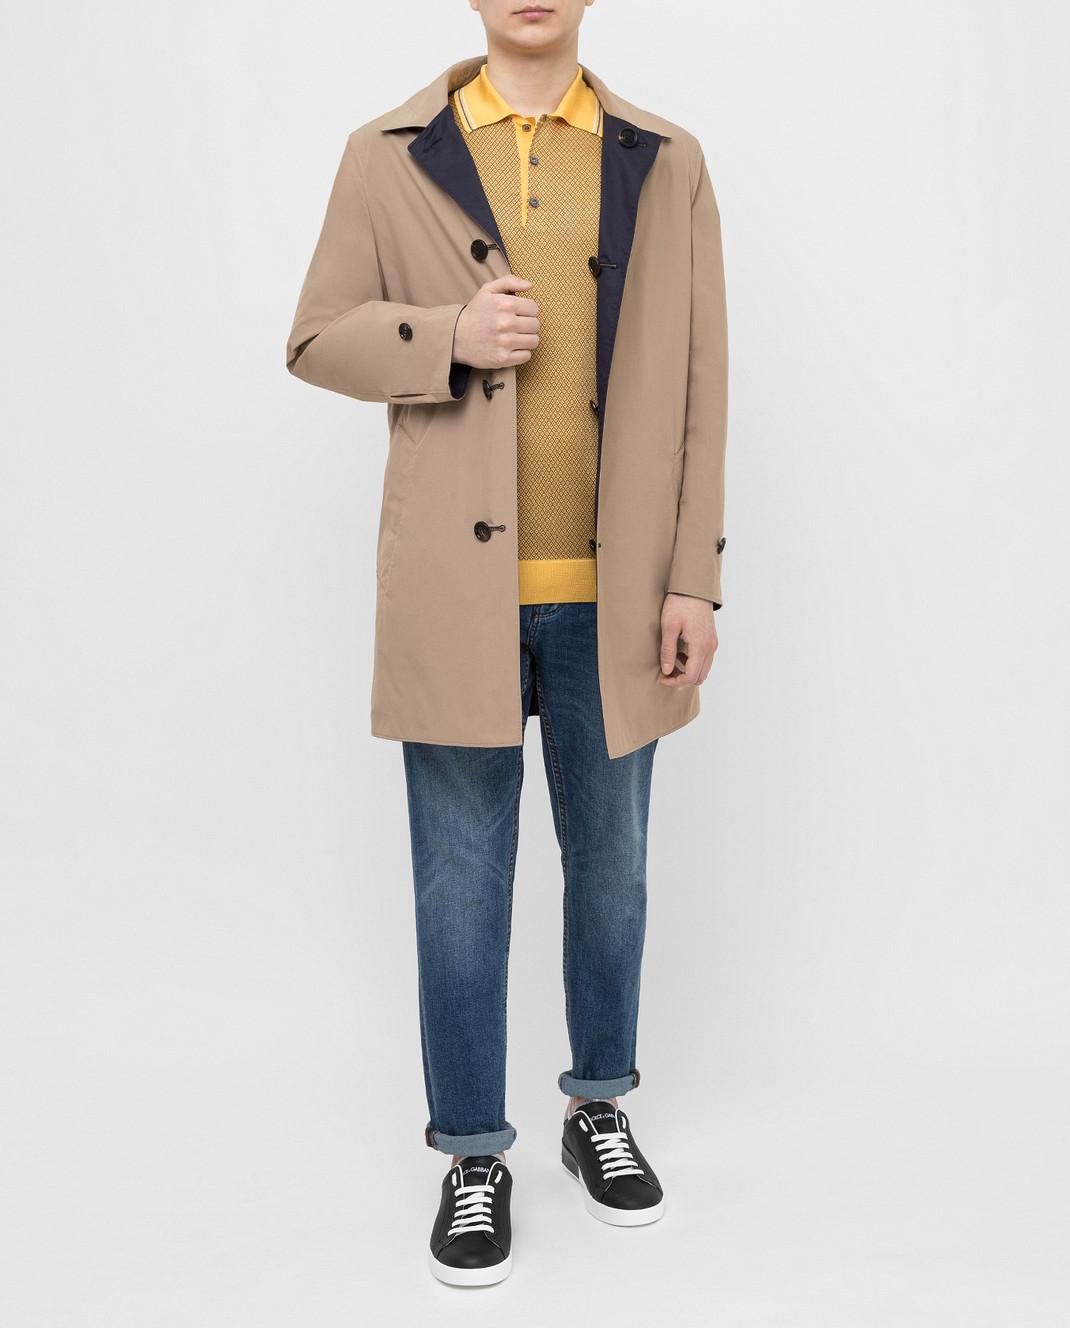 Brunello Cucinelli Двухстороннее пальто MD4506148 изображение 2